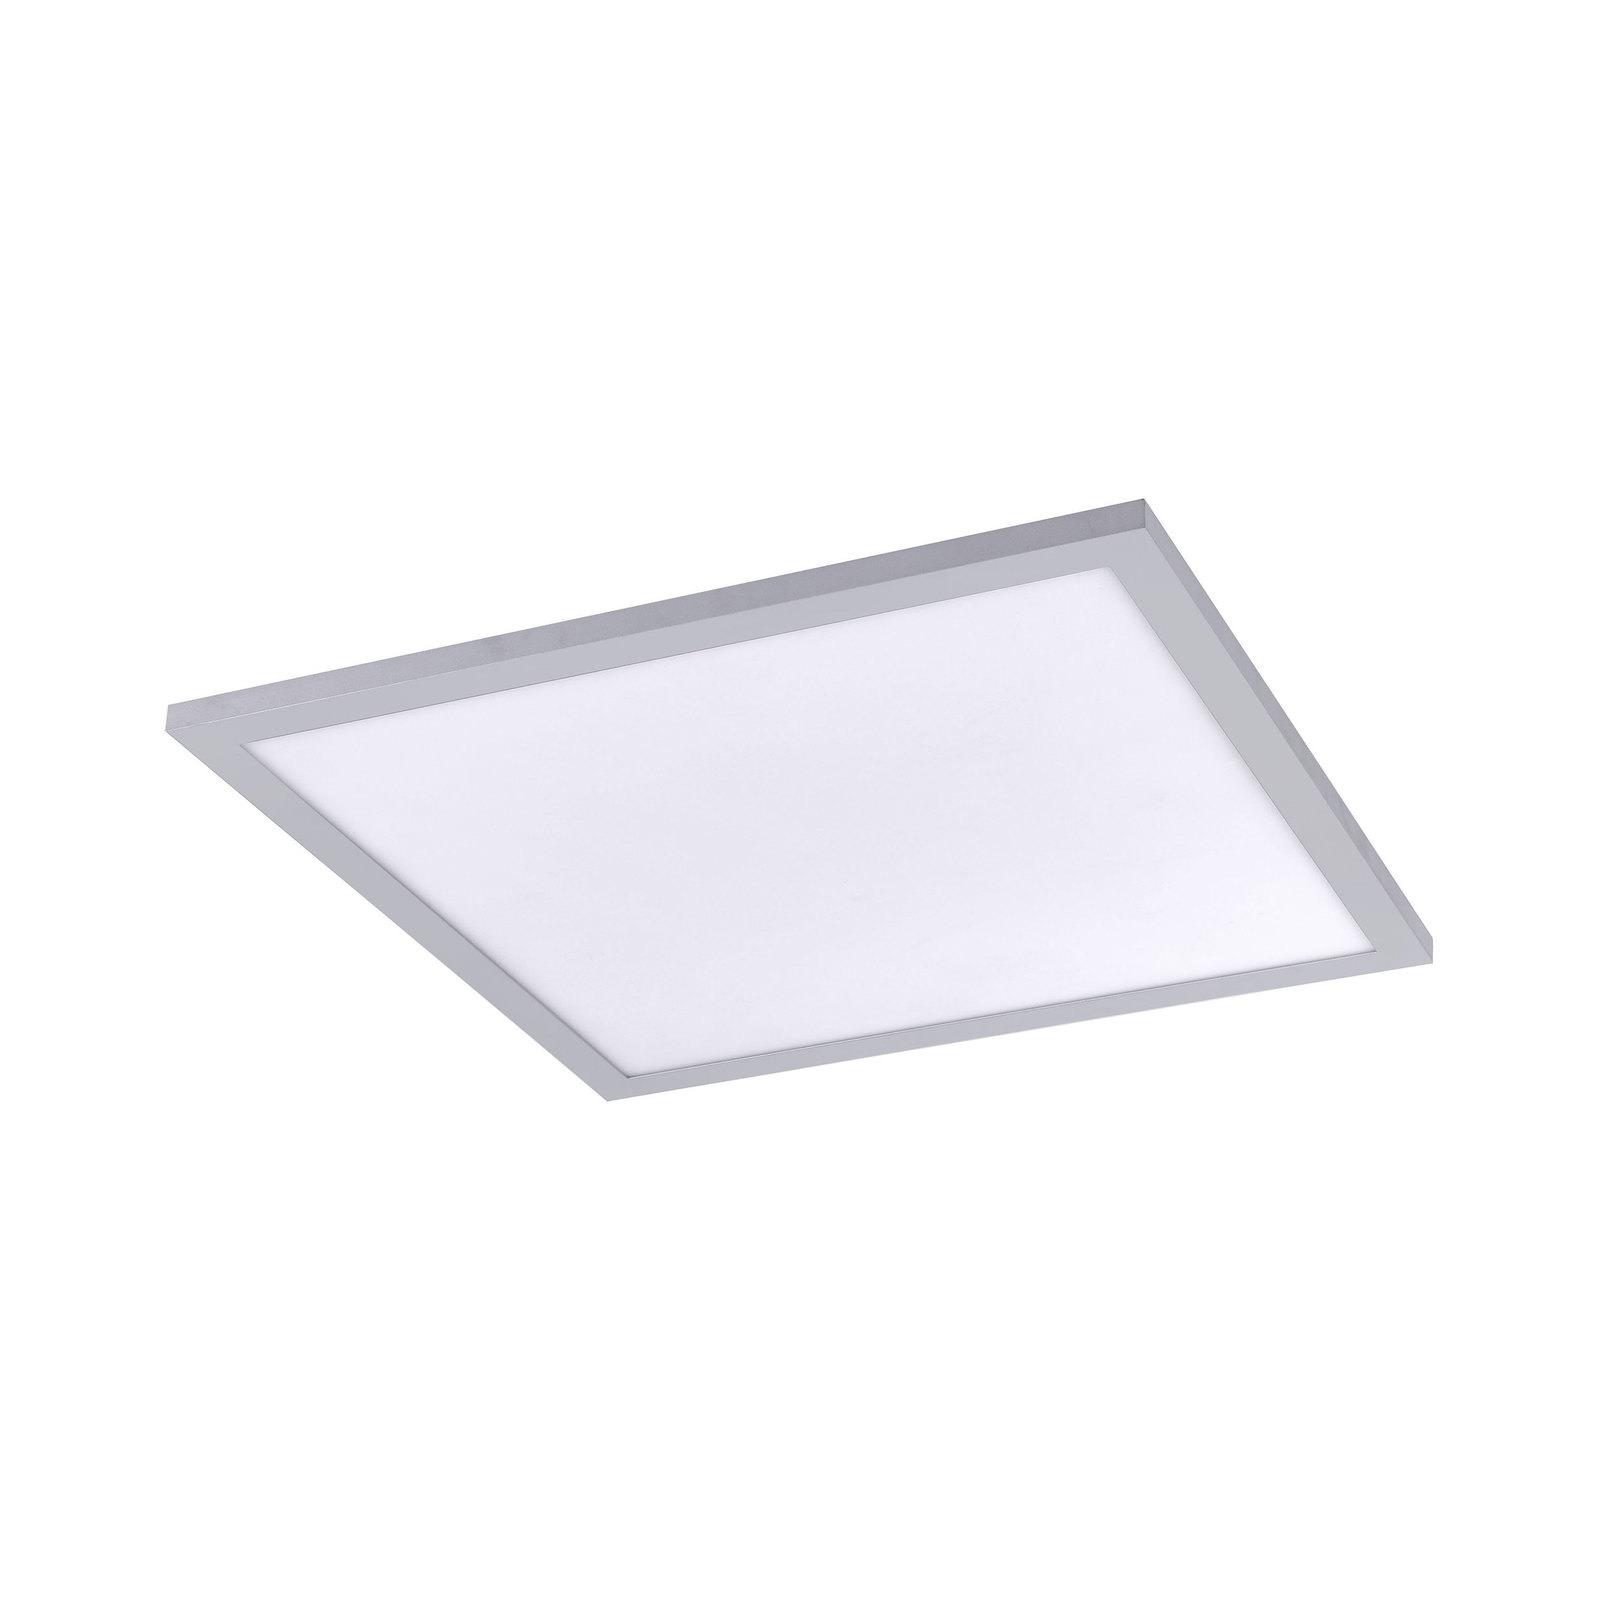 Leuchten Direkt LED-Deckenleuchte 2flg